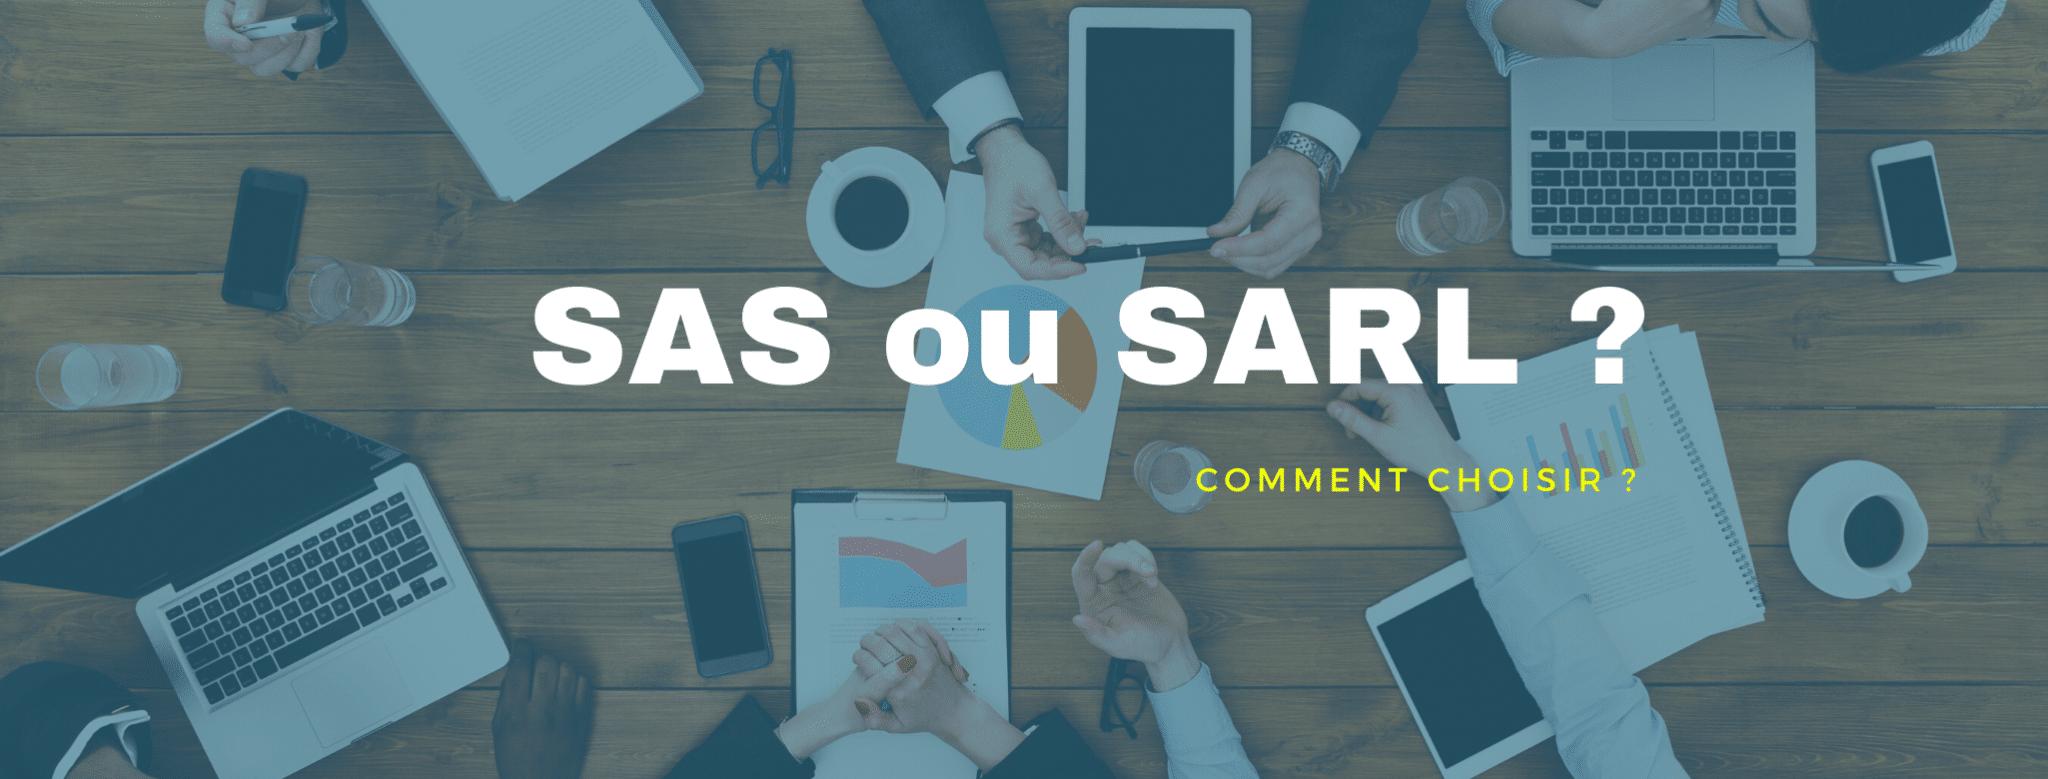 SARL et SAS : Quelle société choisir ?